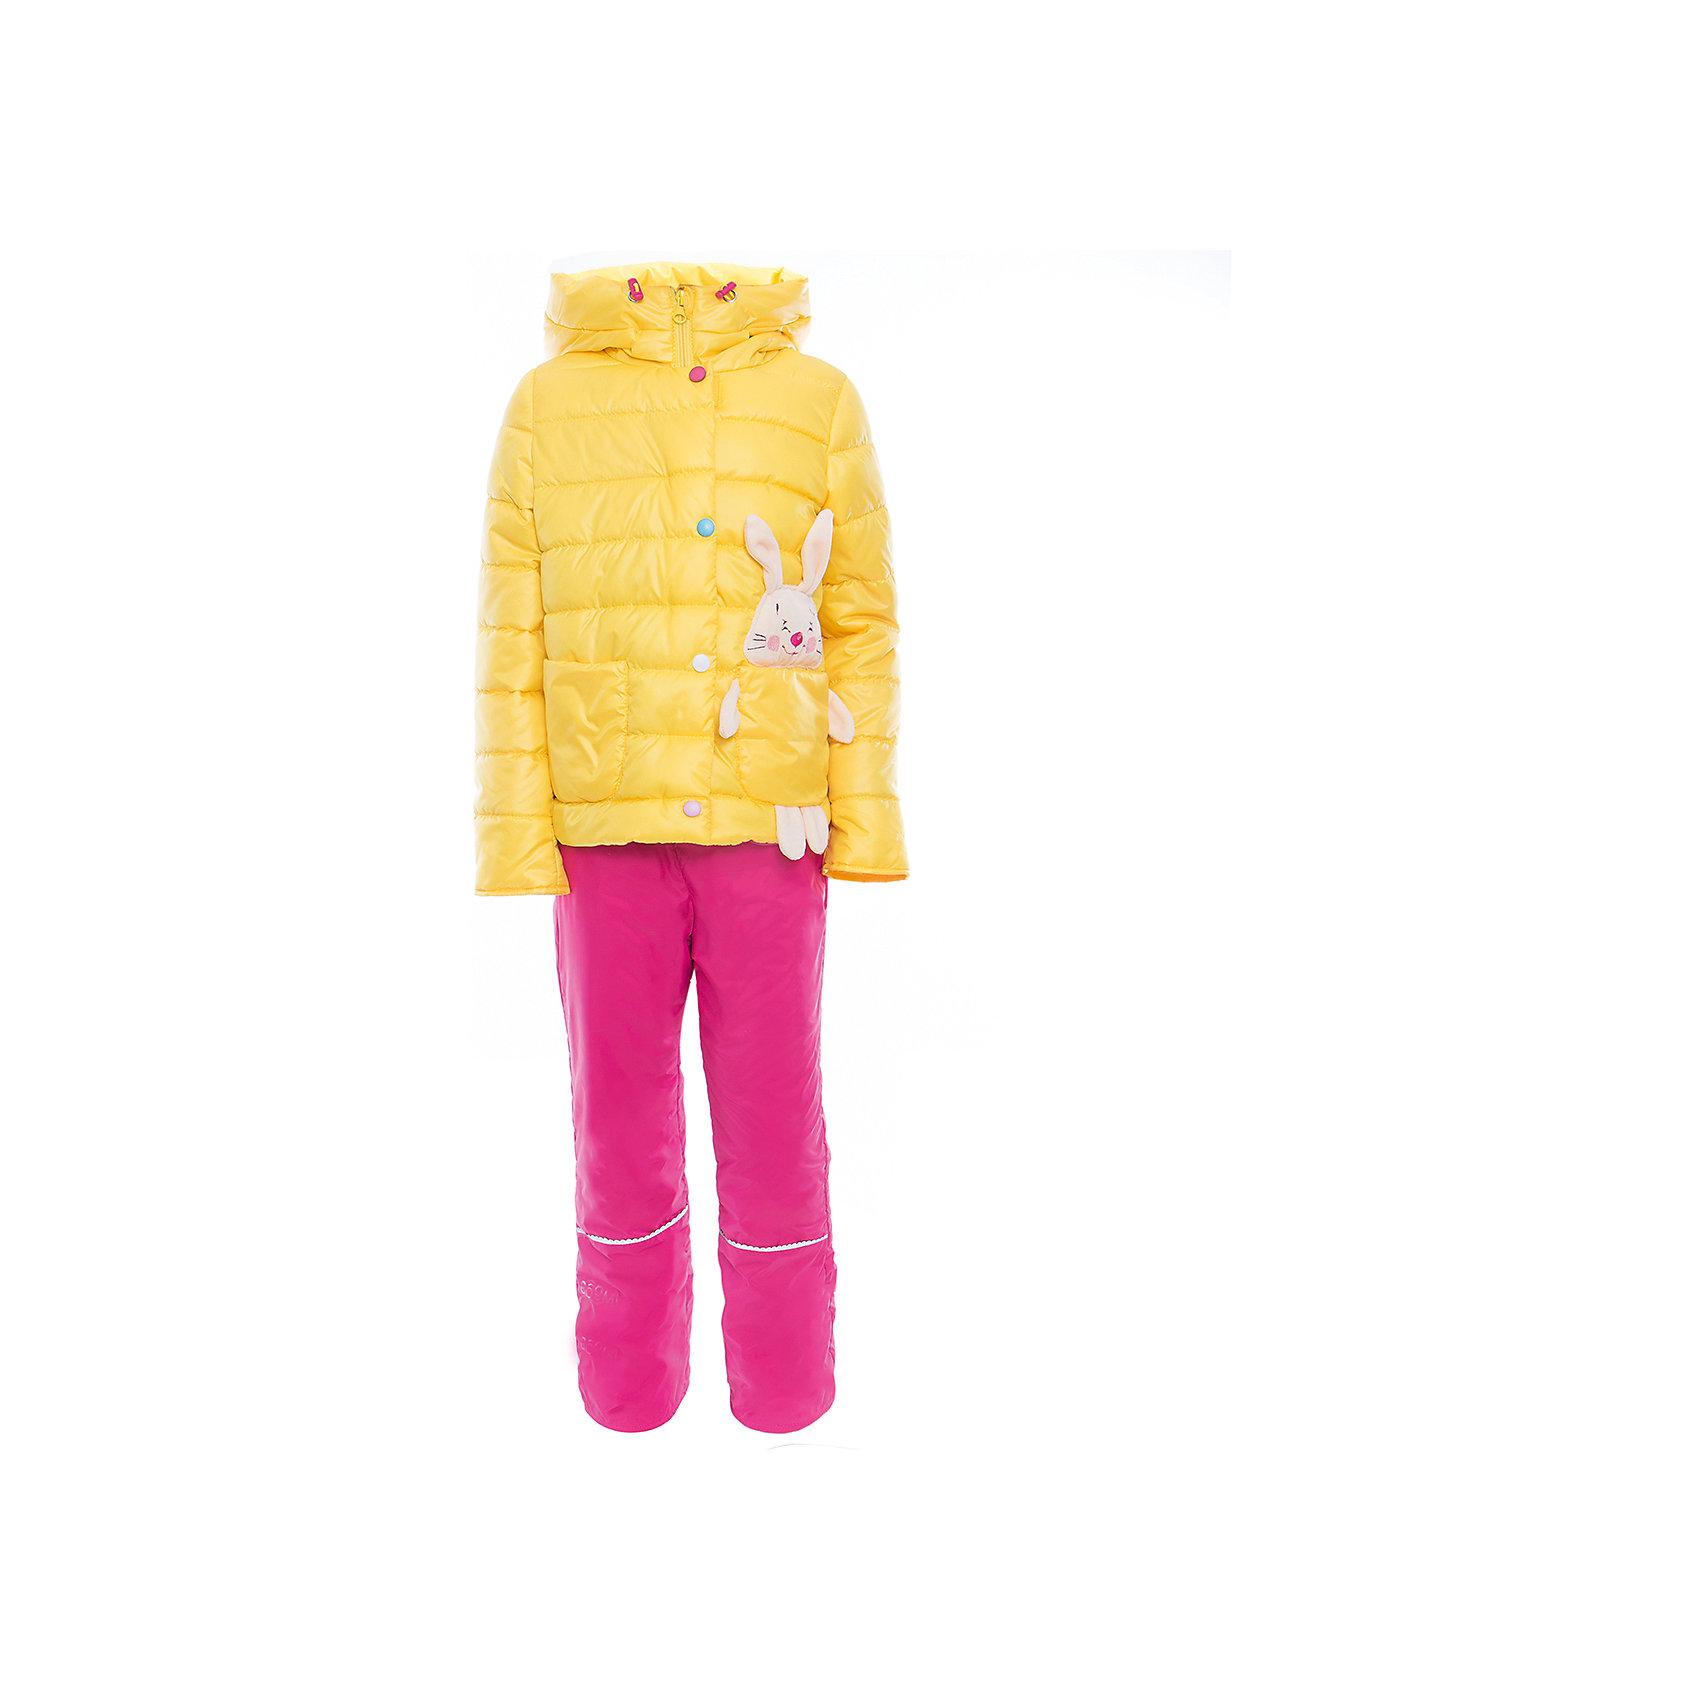 Комплект для девочки BOOM by OrbyХарактеристики товара:<br><br>• цвет: желтый/розовый<br>• состав: <br>курточка: верх - таффета, подкладка - поликоттон, полиэстер, утеплитель: эко-синтепон 150 г/м2<br>брюки: верх - таффета, подкладка - флис<br>• комплектация: куртка, брюки<br>• температурный режим: от -5 С° до +10 С° <br>• из прочной ткани<br>• застежка - молния<br>• благодаря манжетам-отворотам значительно регулируется размер<br>• оригинальный декор<br>• карманы<br>• комфортная посадка<br>• страна производства: Российская Федерация<br>• страна бренда: Российская Федерация<br>• коллекция: весна-лето 2017<br><br>Такой комплект - универсальный вариант для межсезонья с постоянно меняющейся погодой. Эта модель - модная и удобная одновременно! Изделие отличается стильным ярким дизайном. Куртка и брюки хорошо сидят по фигуре, отлично сочетается с различной обувью. Модель была разработана специально для детей.<br><br>Одежда от российского бренда BOOM by Orby уже завоевала популярностью у многих детей и их родителей. Вещи, выпускаемые компанией, качественные, продуманные и очень удобные. Для производства коллекций используются только безопасные для детей материалы. Спешите приобрести модели из новой коллекции Весна-лето 2017! <br><br>Комплект для девочки от бренда BOOM by Orby можно купить в нашем интернет-магазине.<br><br>Ширина мм: 356<br>Глубина мм: 10<br>Высота мм: 245<br>Вес г: 519<br>Цвет: желтый<br>Возраст от месяцев: 72<br>Возраст до месяцев: 84<br>Пол: Женский<br>Возраст: Детский<br>Размер: 122,104,86,92,98,110,116<br>SKU: 5343654